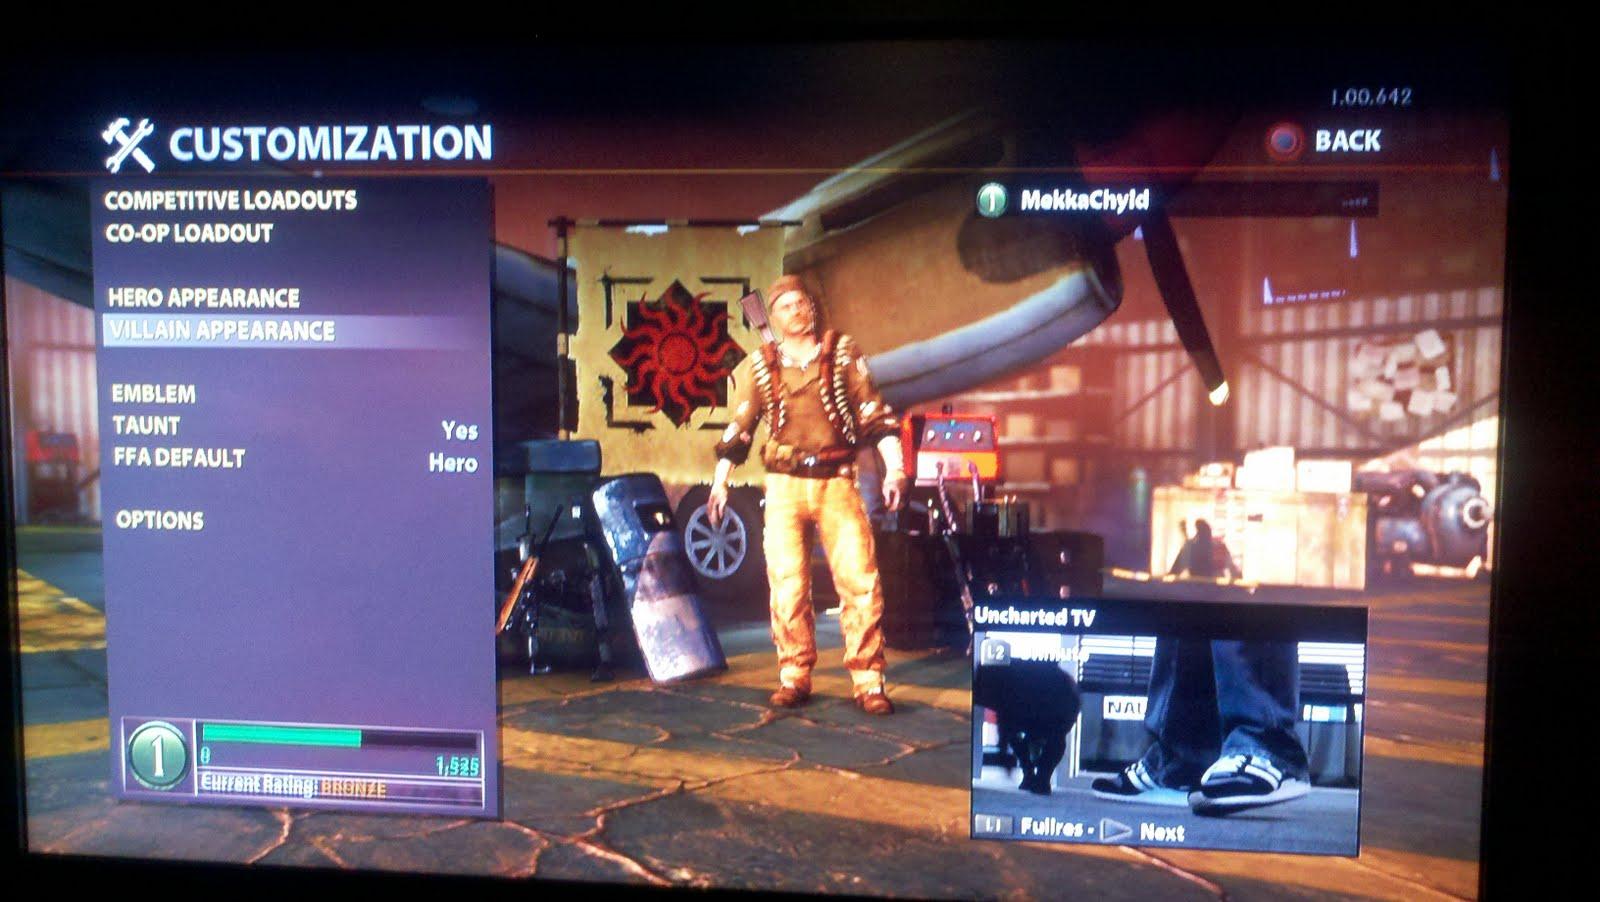 Uncharted 3 Beta Multiplayer Gameplay Video | WeLoveGamez